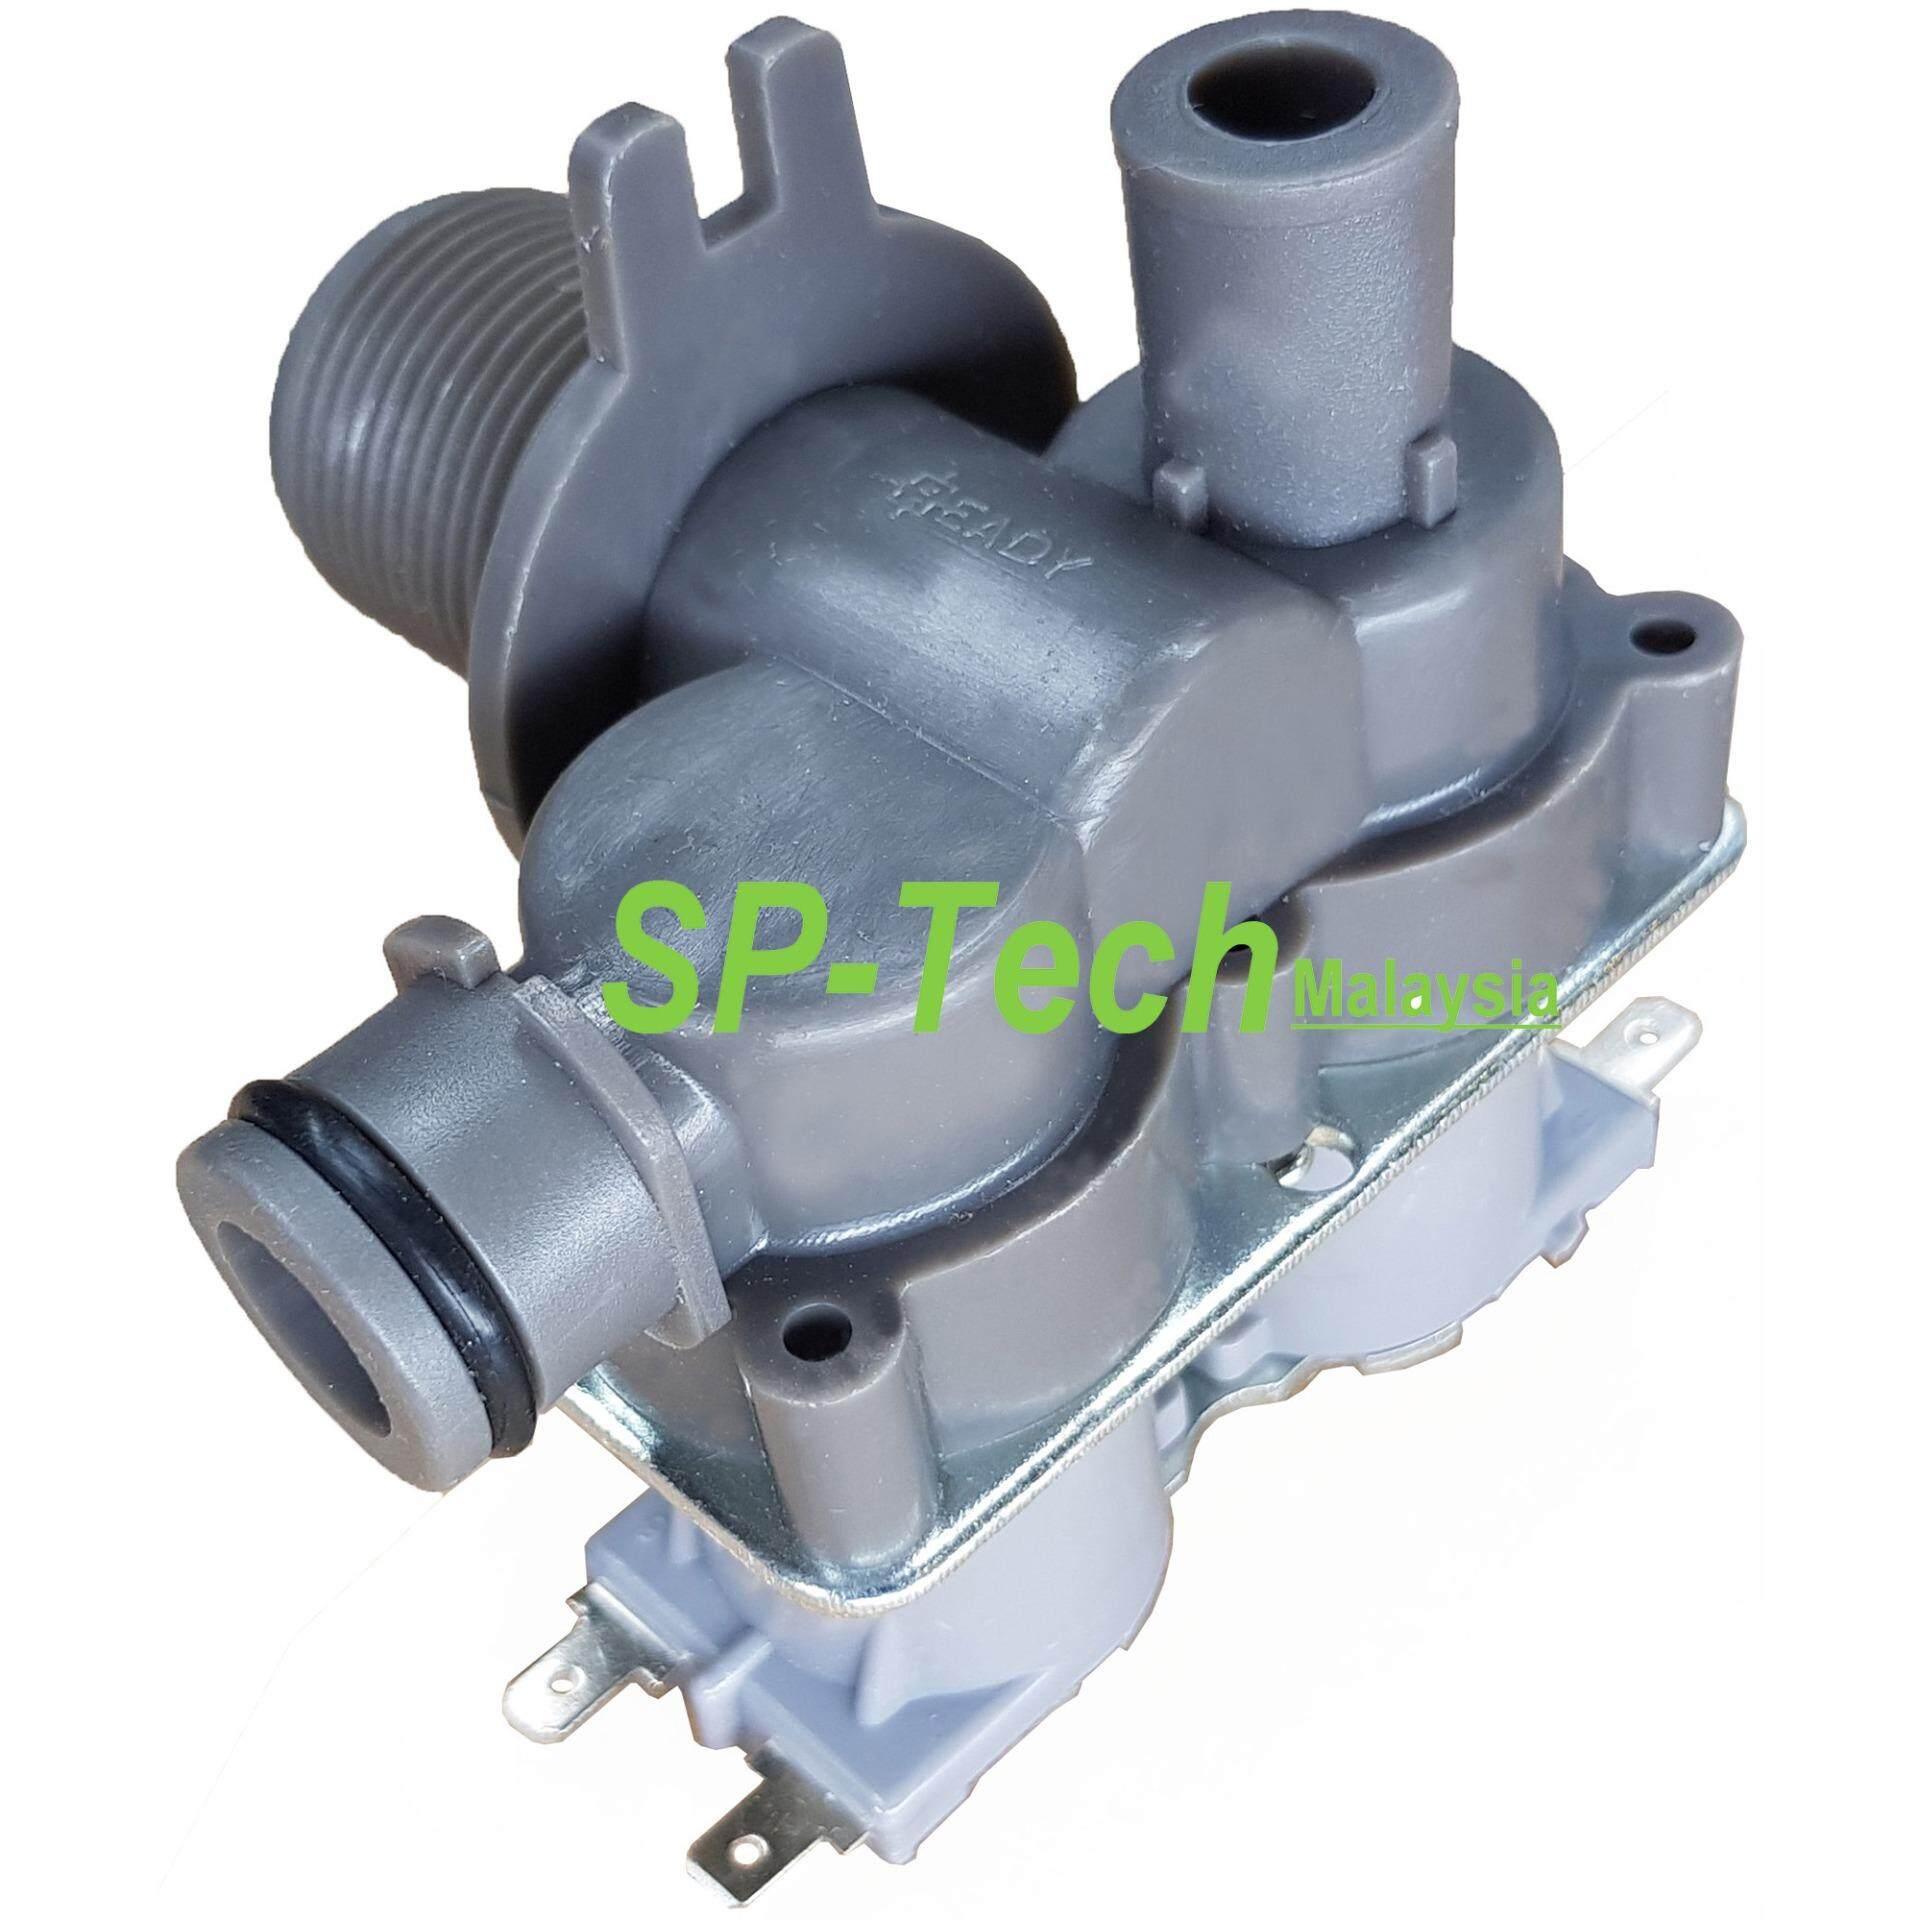 SW90V2 SAMSUNG WASHING MACHINE WATER INLET VALVE